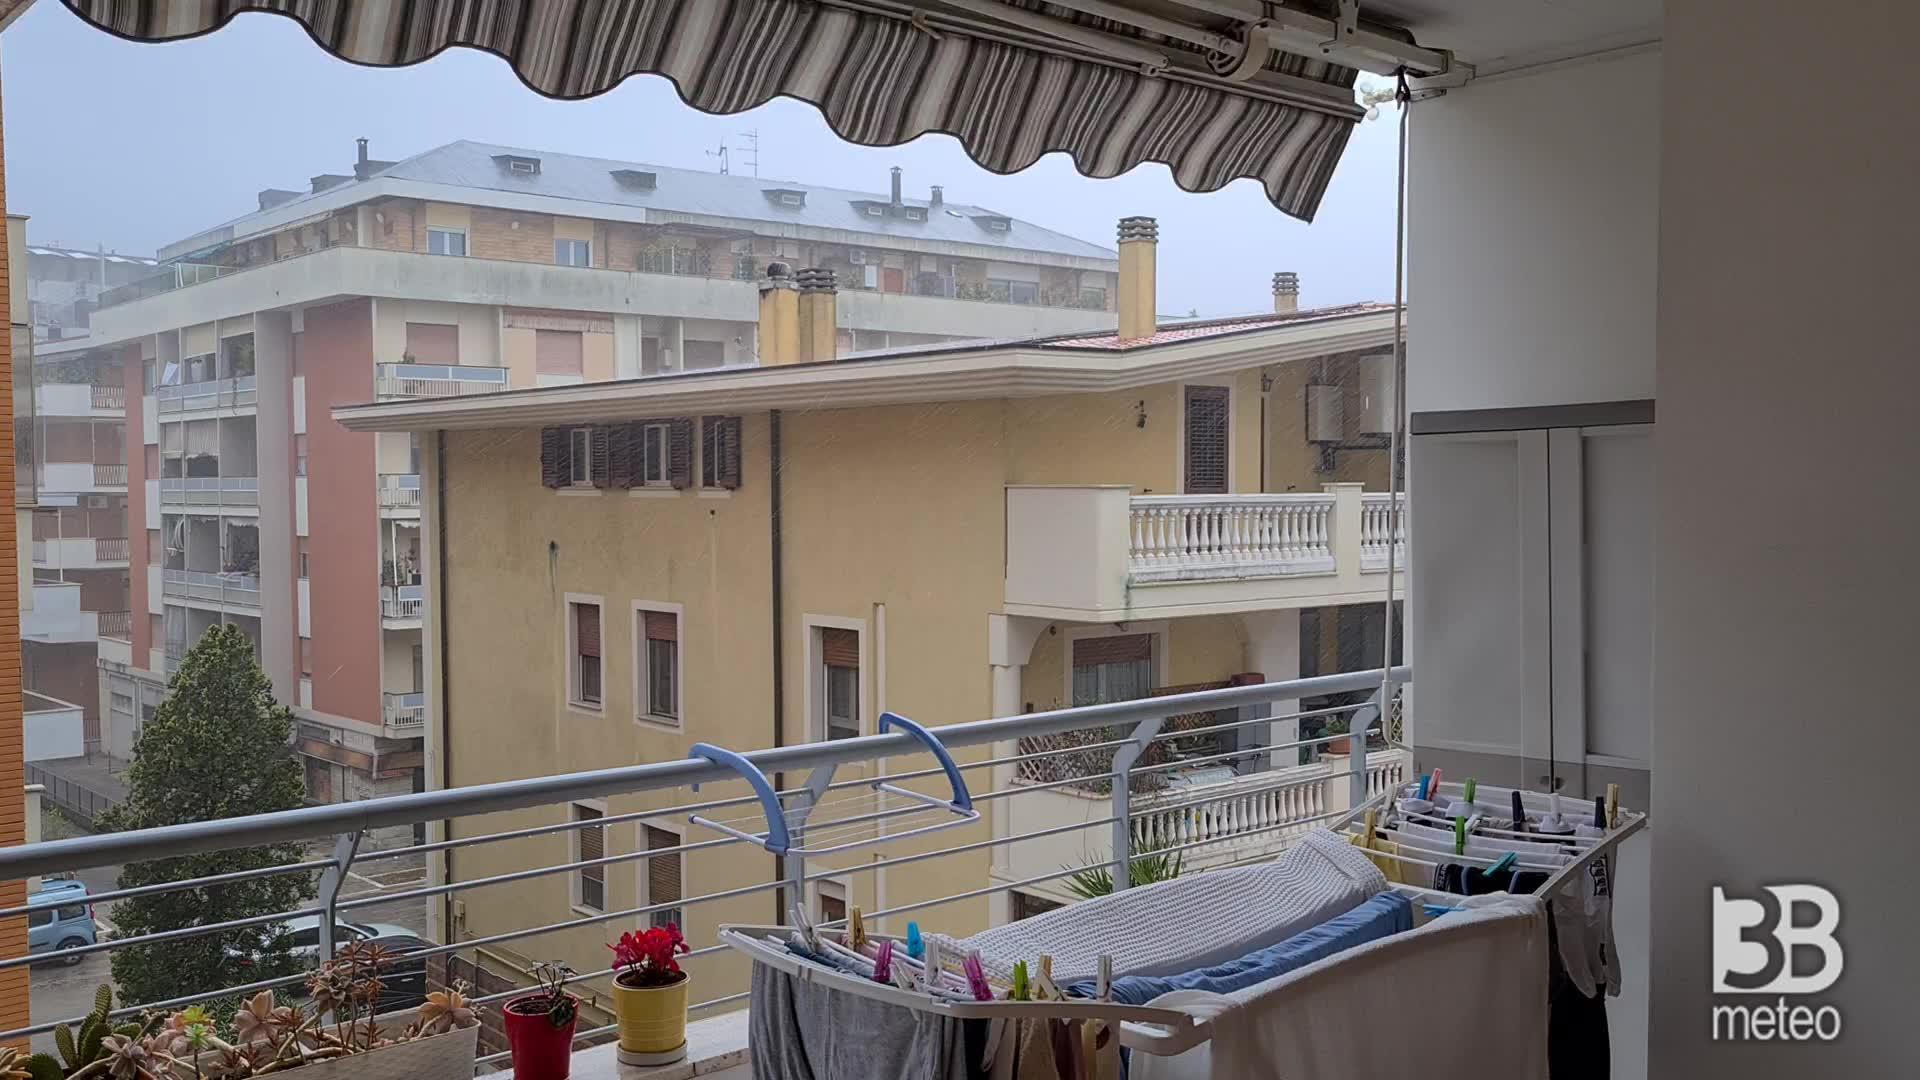 CRONACA METEO - Bufera di vento e pioggia sull'Adriatico. La situazione a PESCARA - VIDEO